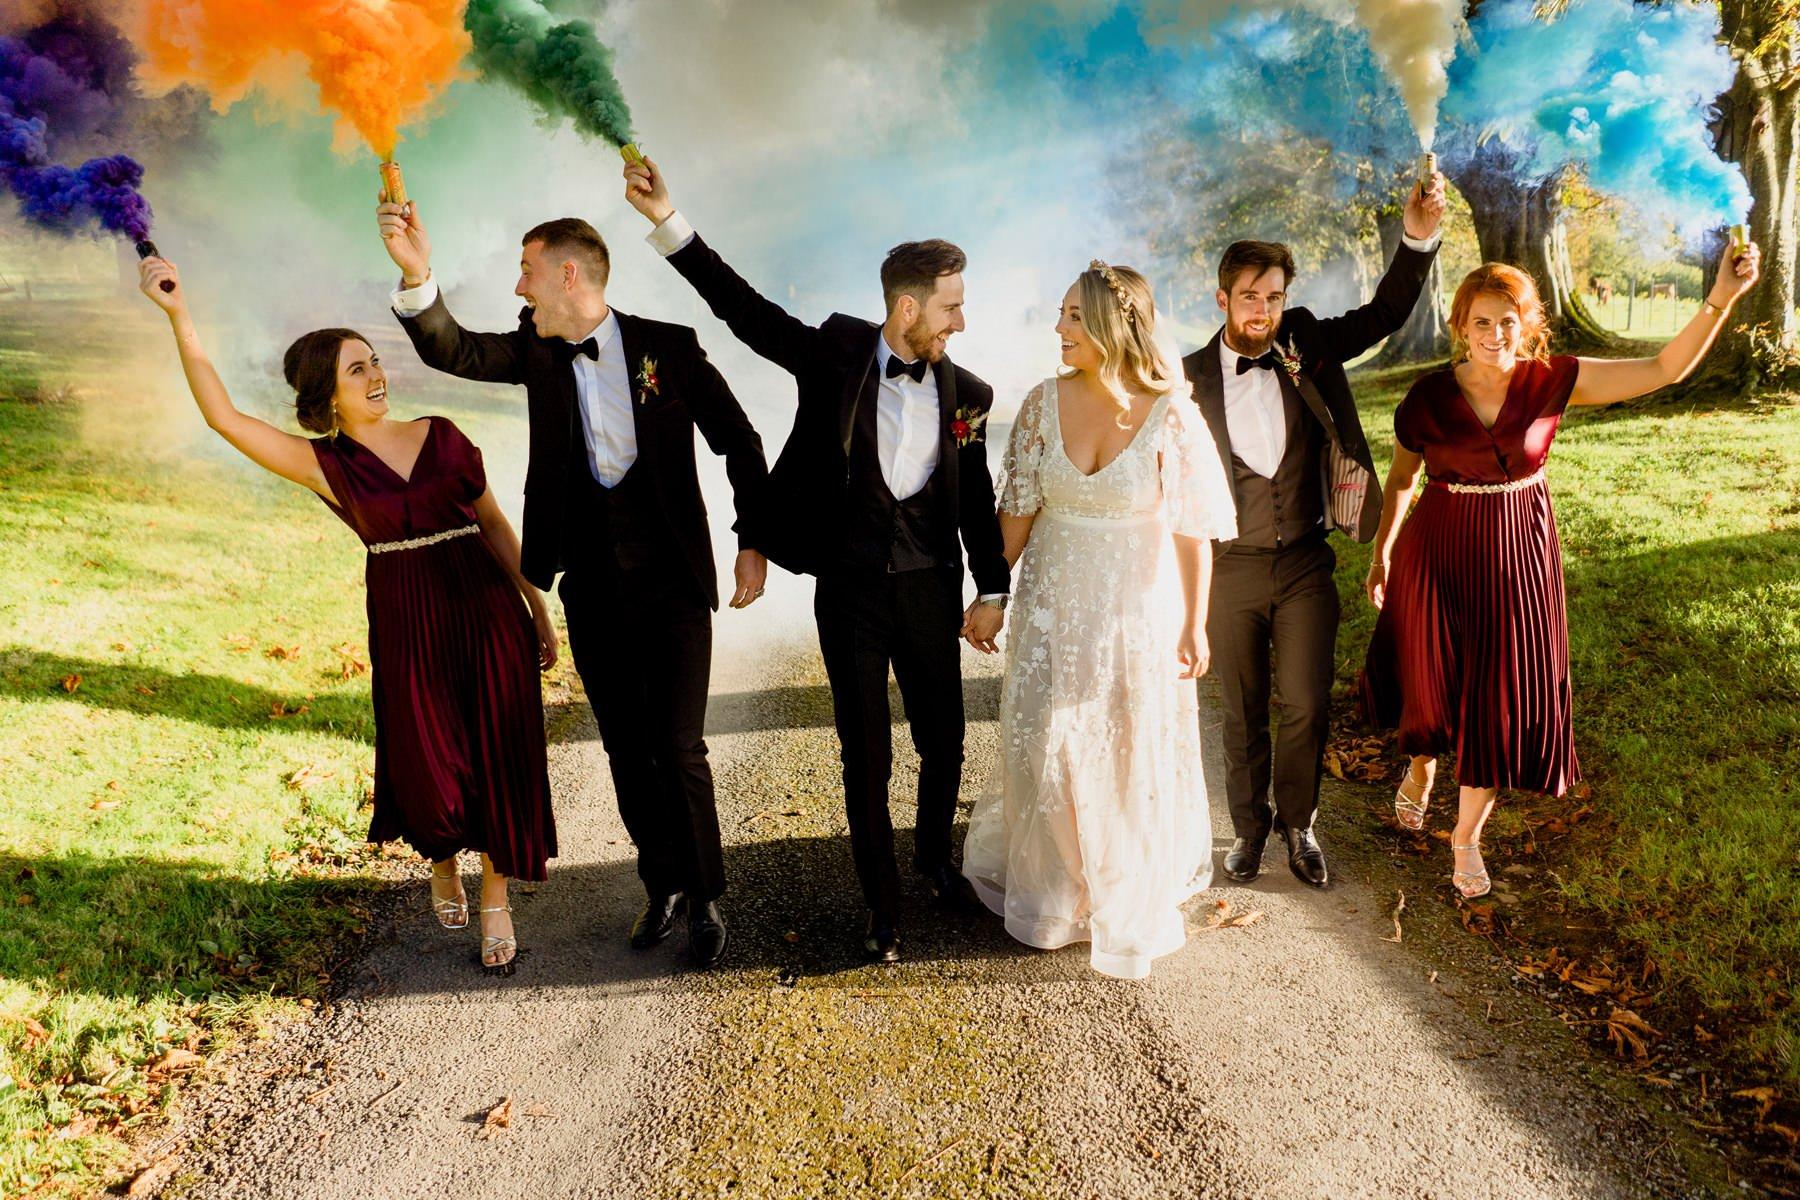 autumn-wedding-kilshane-house-bridal-party